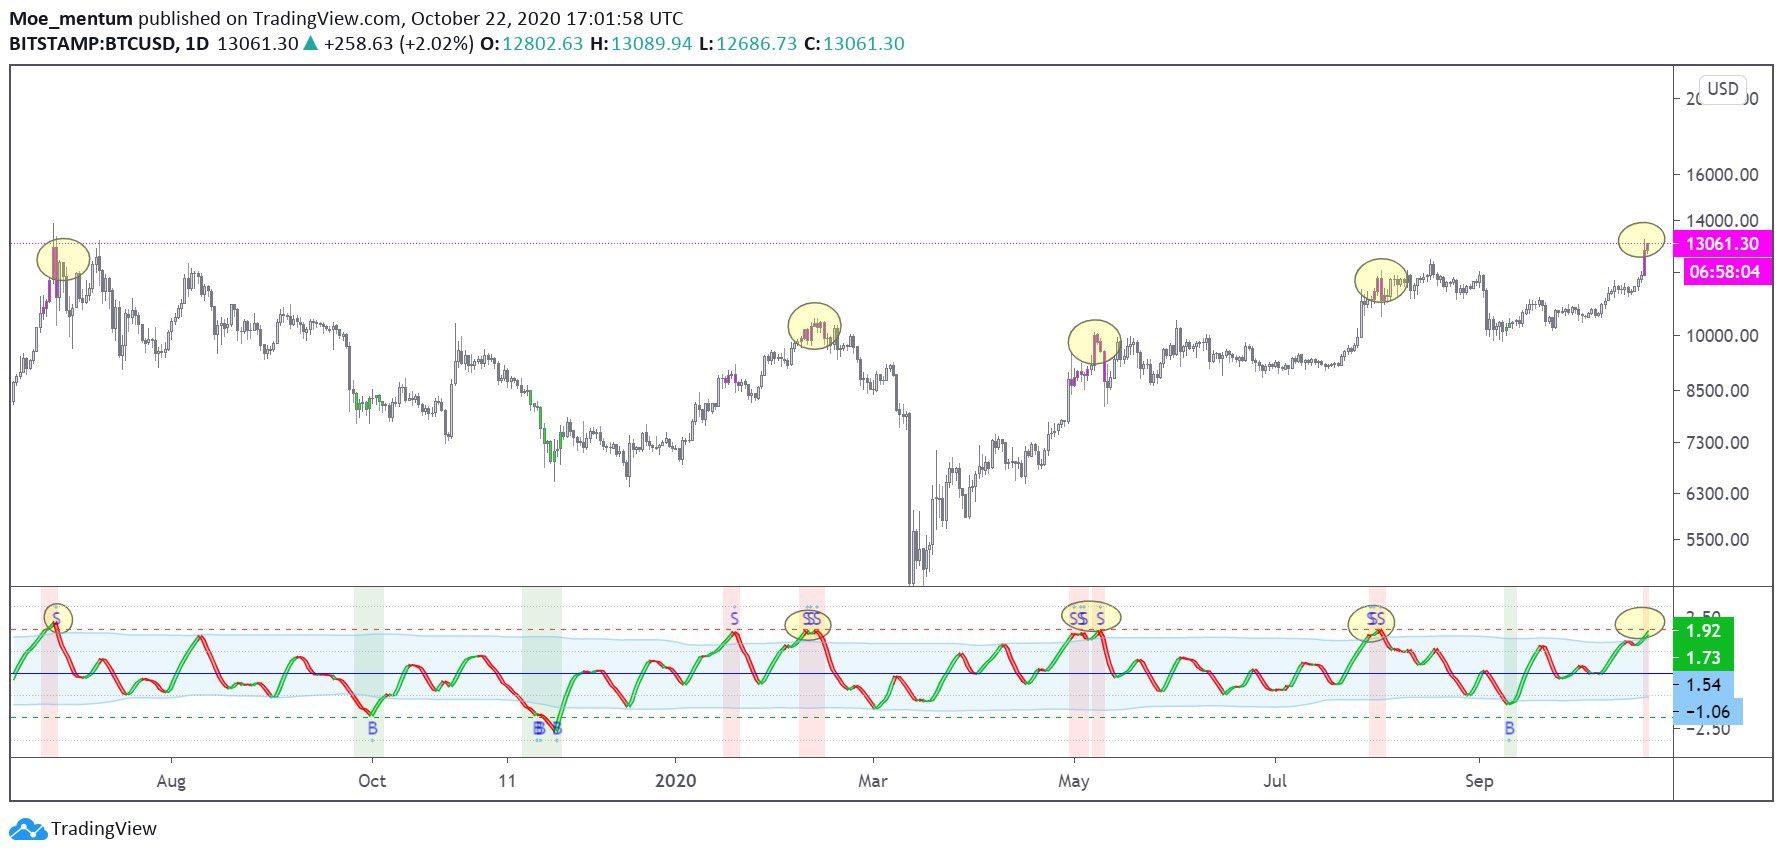 Bitcoinchart Tradingview